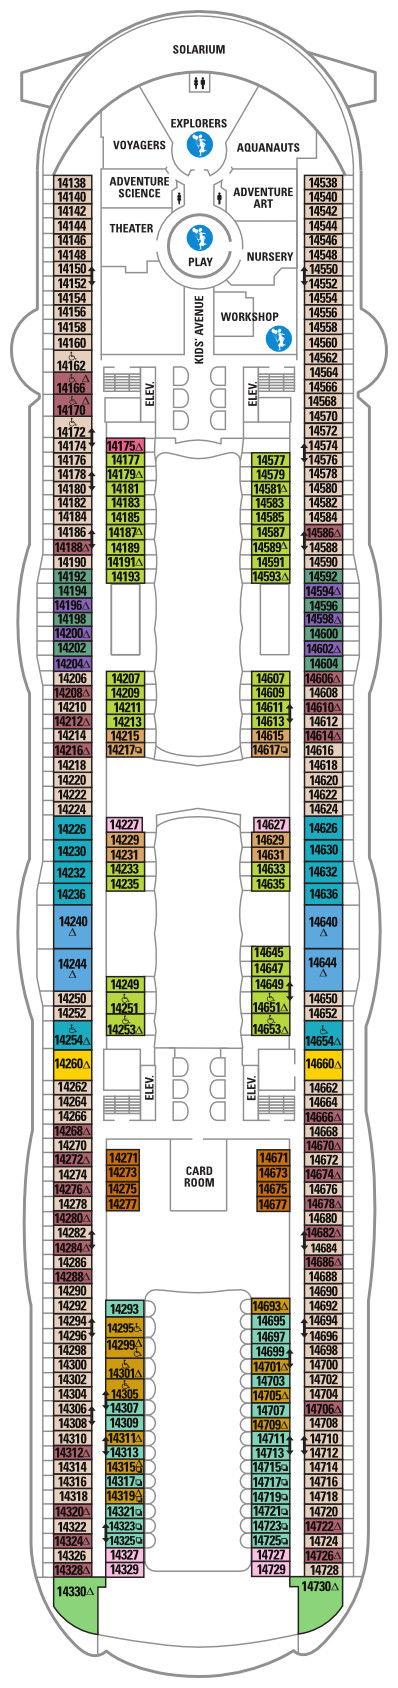 Harmony of the Seas - Deck 14